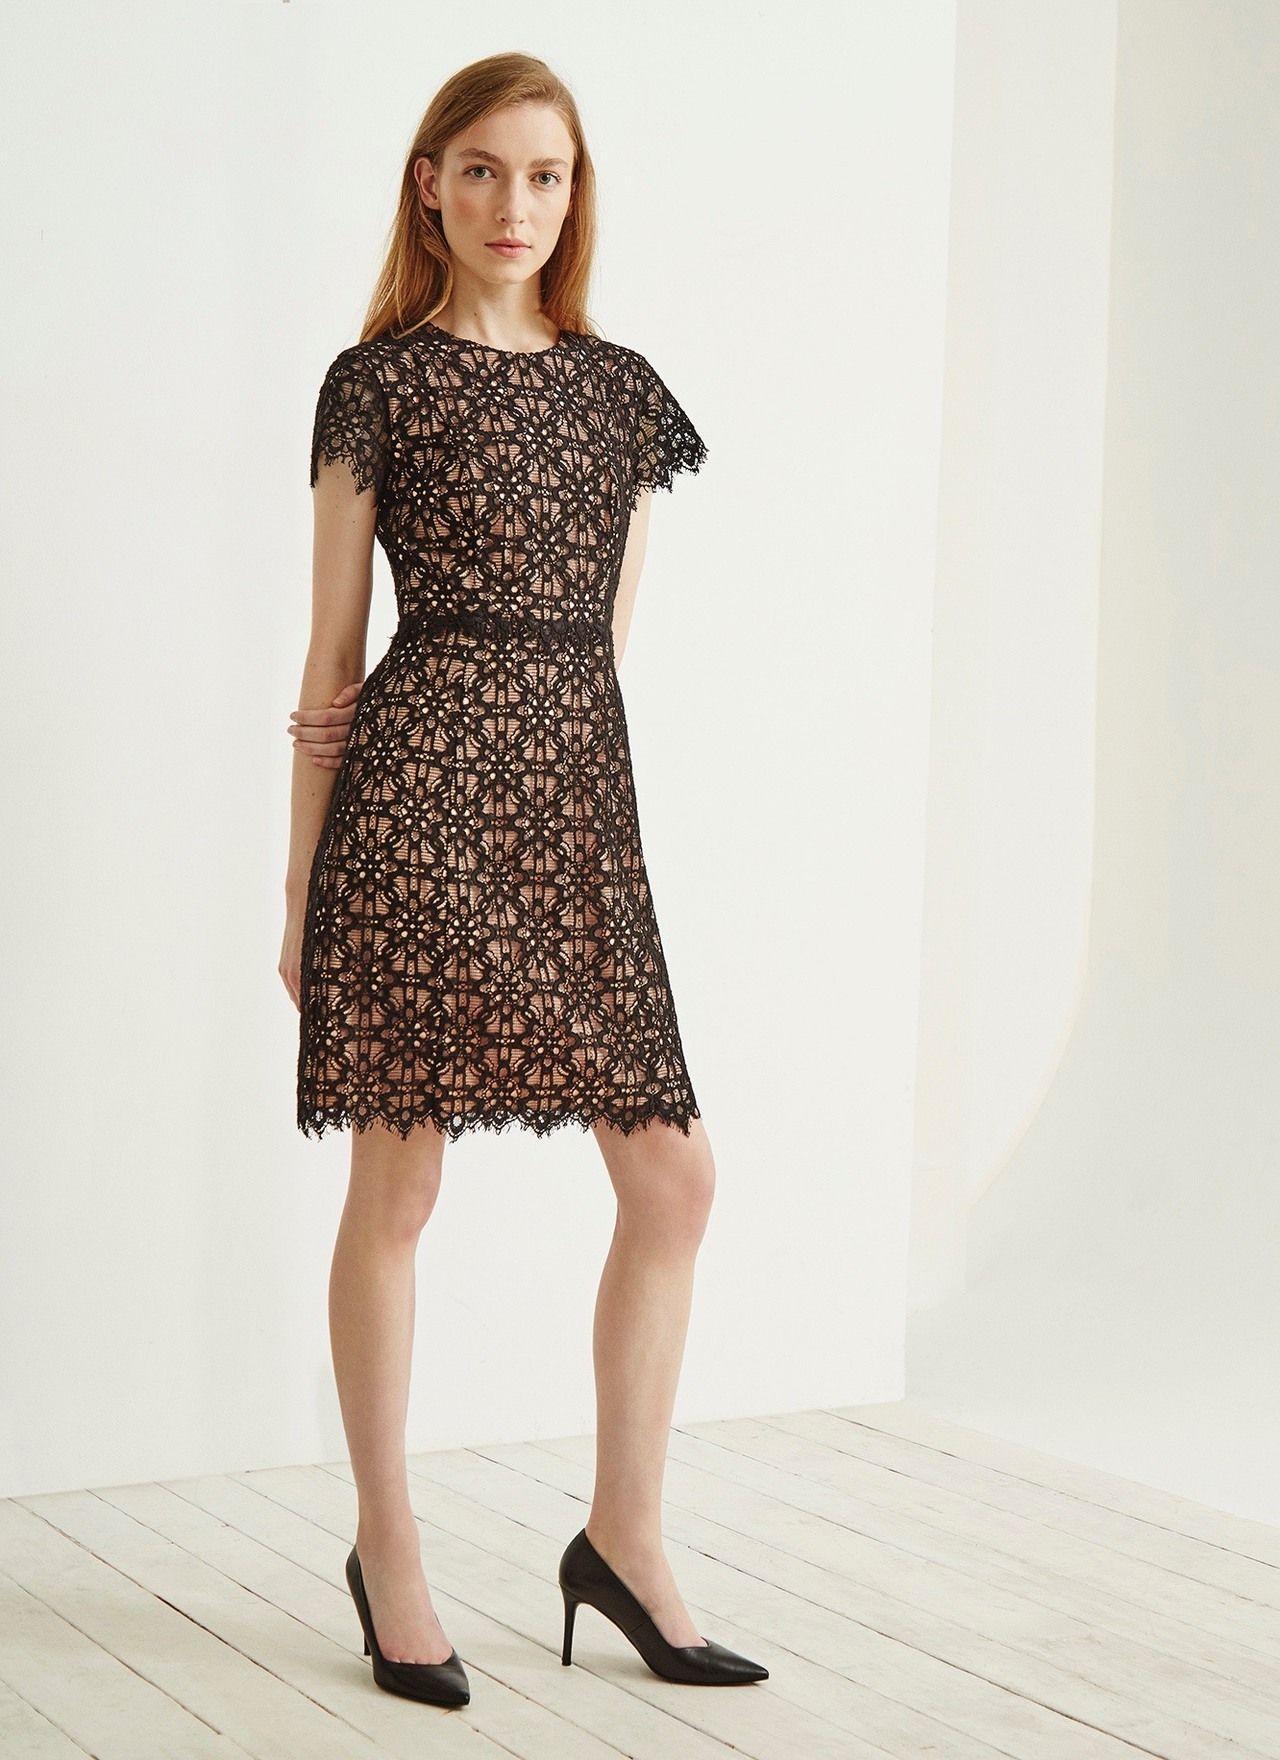 Vestido de c ctel de encaje colecci n adolfo dominguez for Vestidos adolfo dominguez outlet online